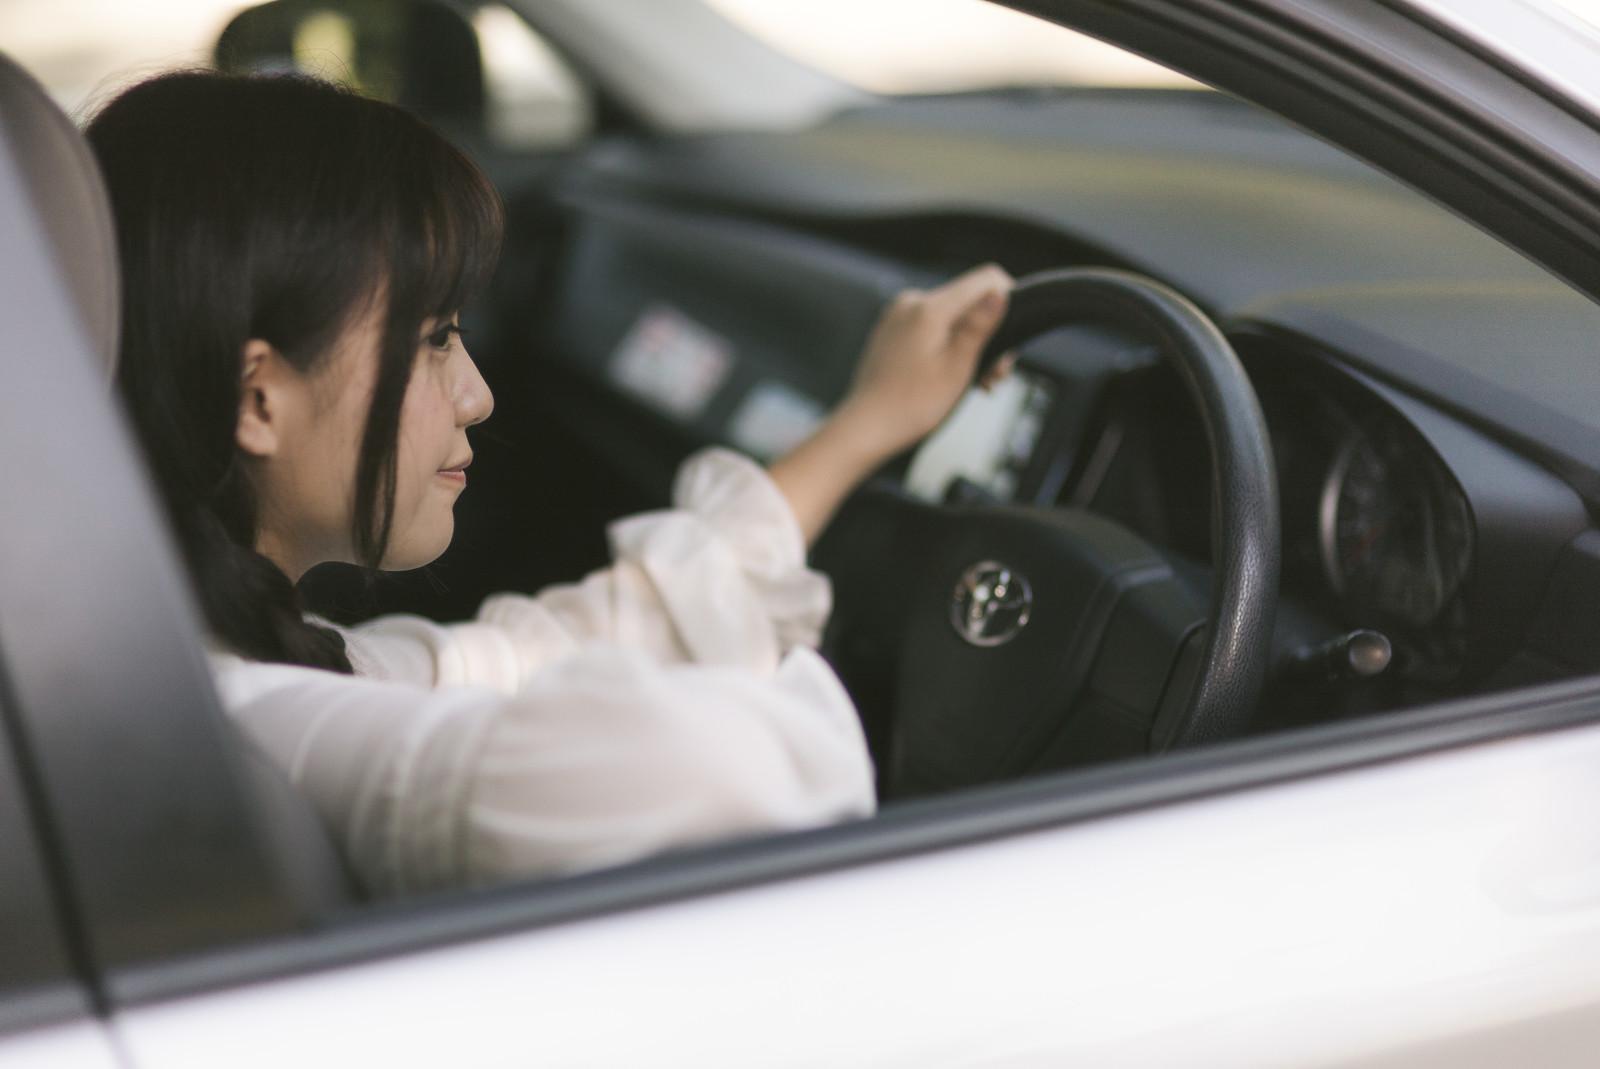 【車の中でフル充電!ここまで便利&快適】カーチャージャーの使い方&おすすめ